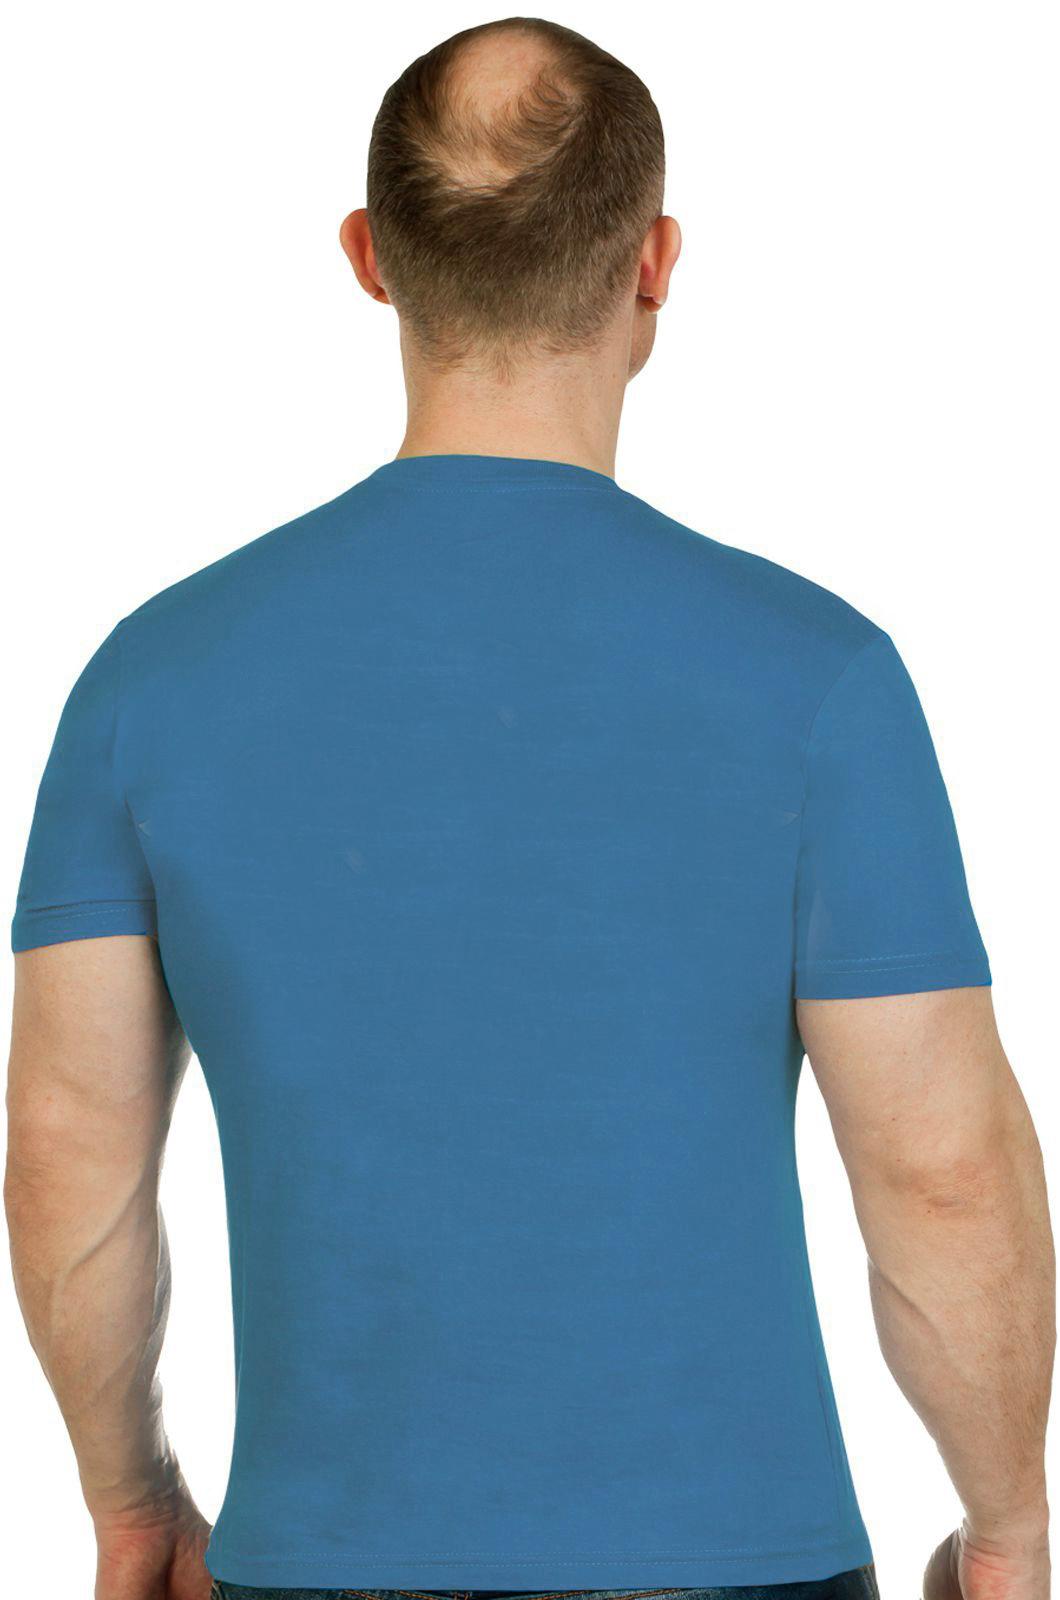 Мужская комфортная футболка с вышивкой ВДВ - заказать онлайн